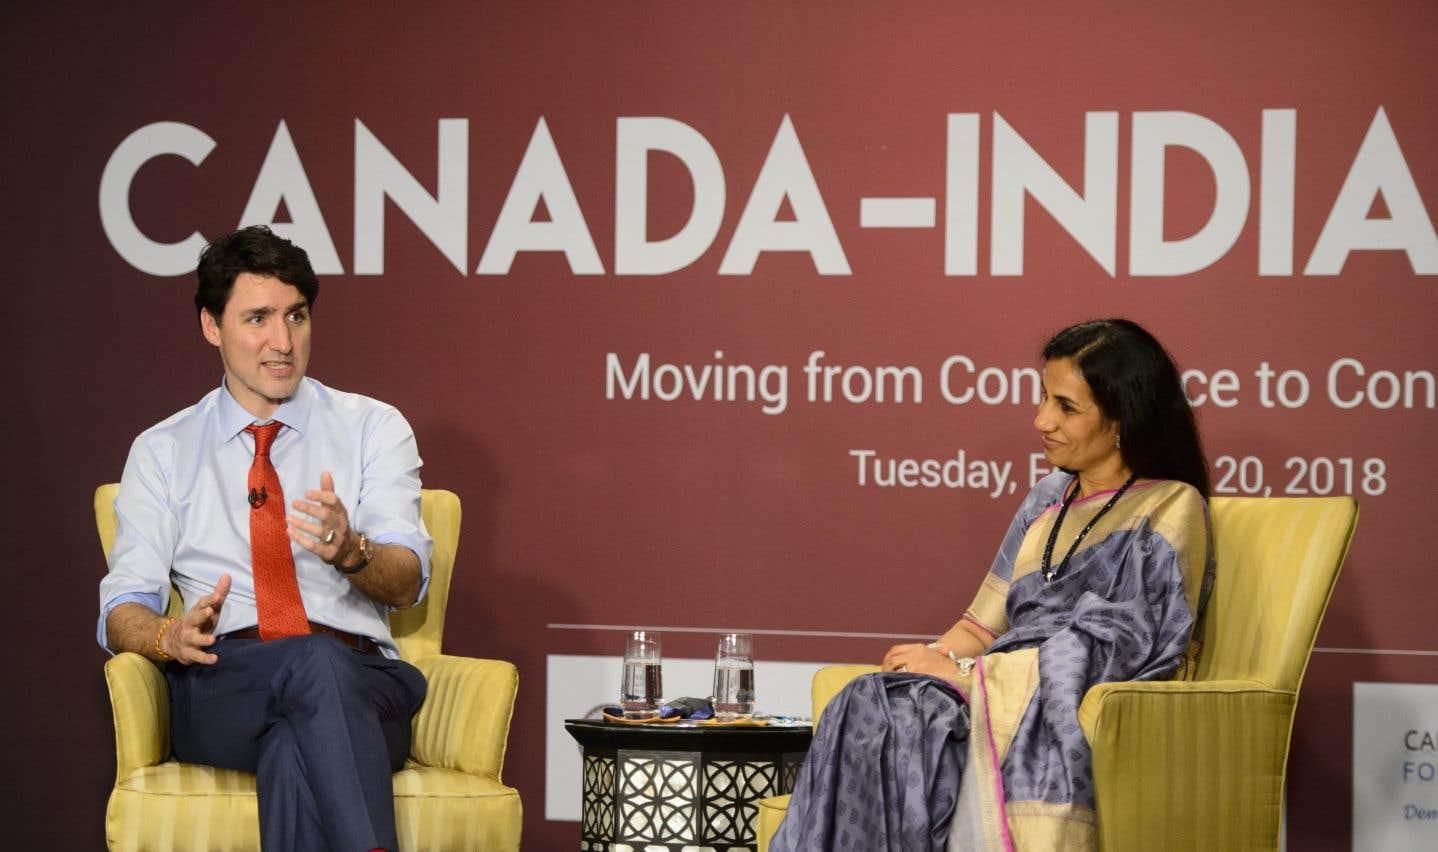 Le premier ministre Justin Trudeau et la présidente-directrice générale de la Société indienne de crédit et d'investissements, Chanda Kochhar, à Mumbai mardi